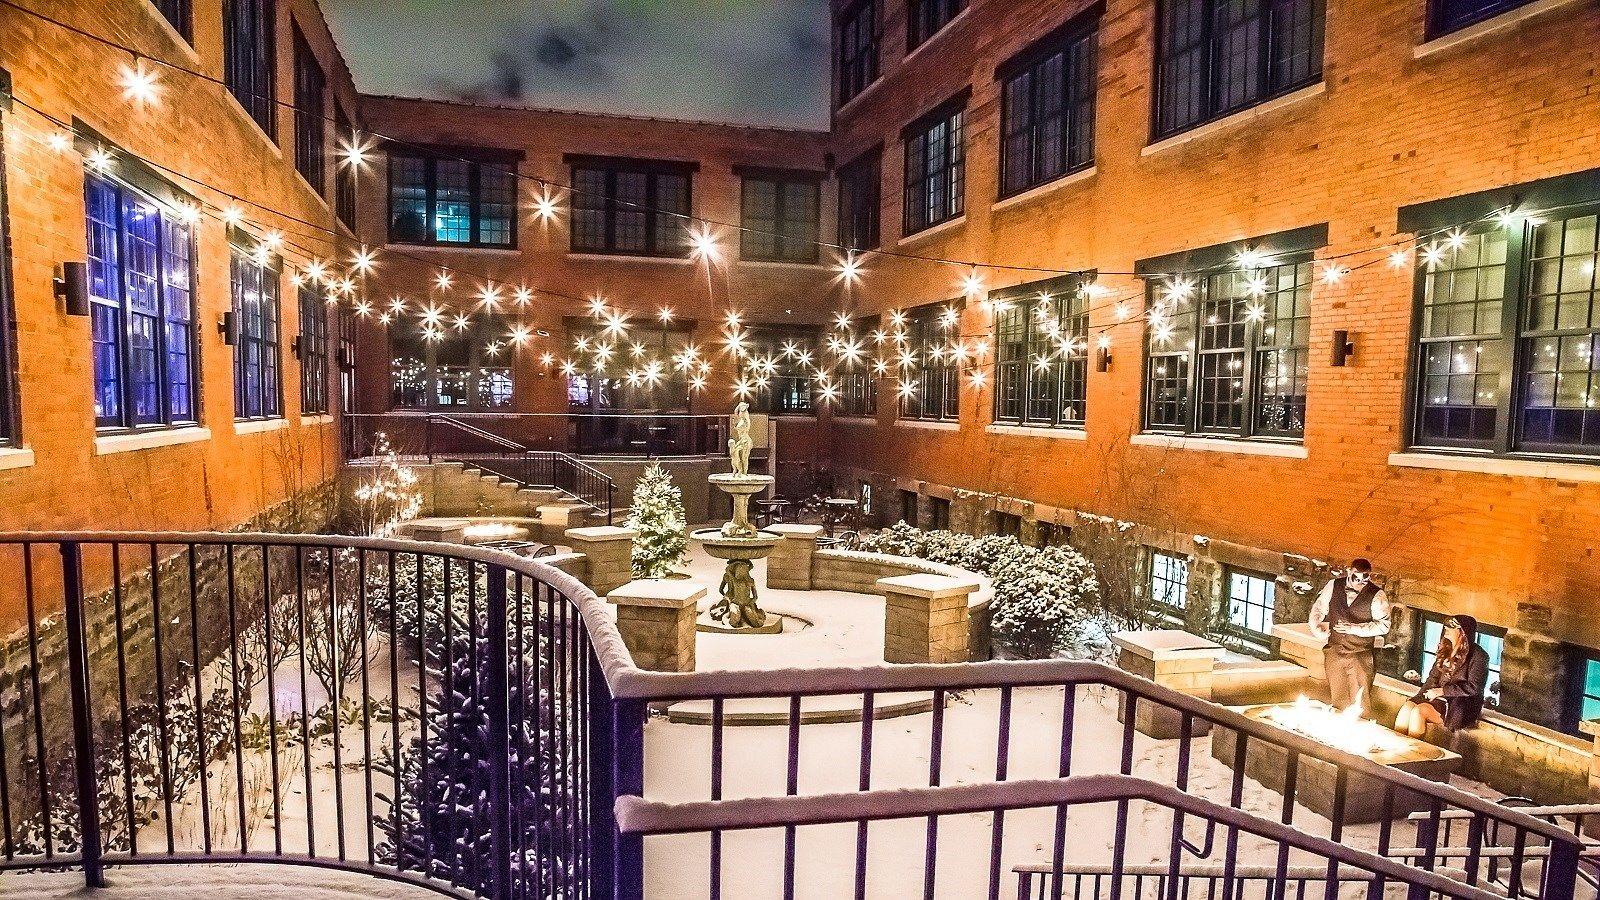 Foundry Hotel & Banquet - Buffalo NY Weddings & Events ...